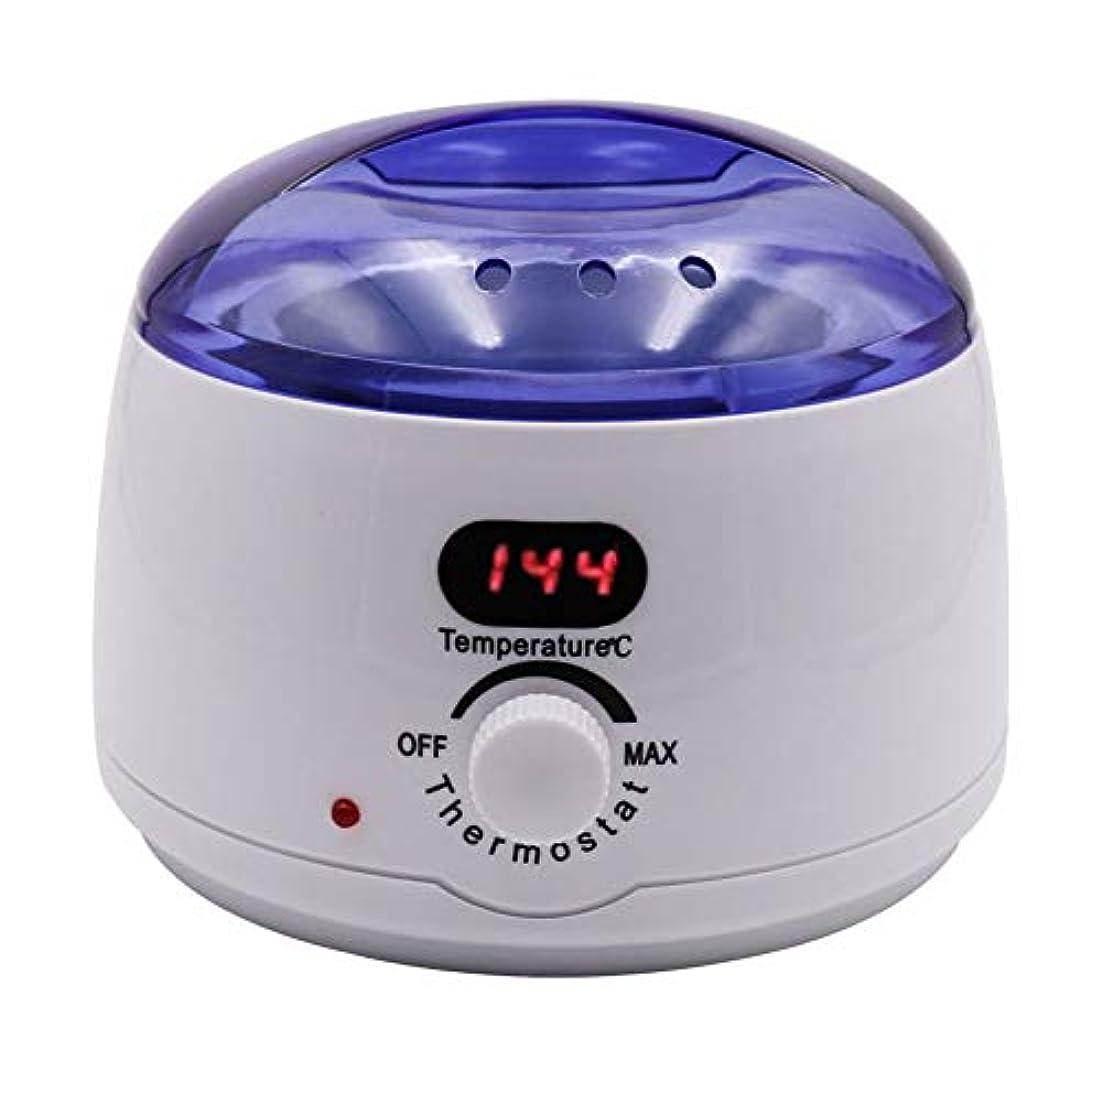 糸最も早いデジタル脱毛、デジタル表示温度メルティングワックスポットインテリジェント加熱多機能ホームワックスマシン女性/男性500CCのための専門の電気ワックスウォーマーヒーターメルター